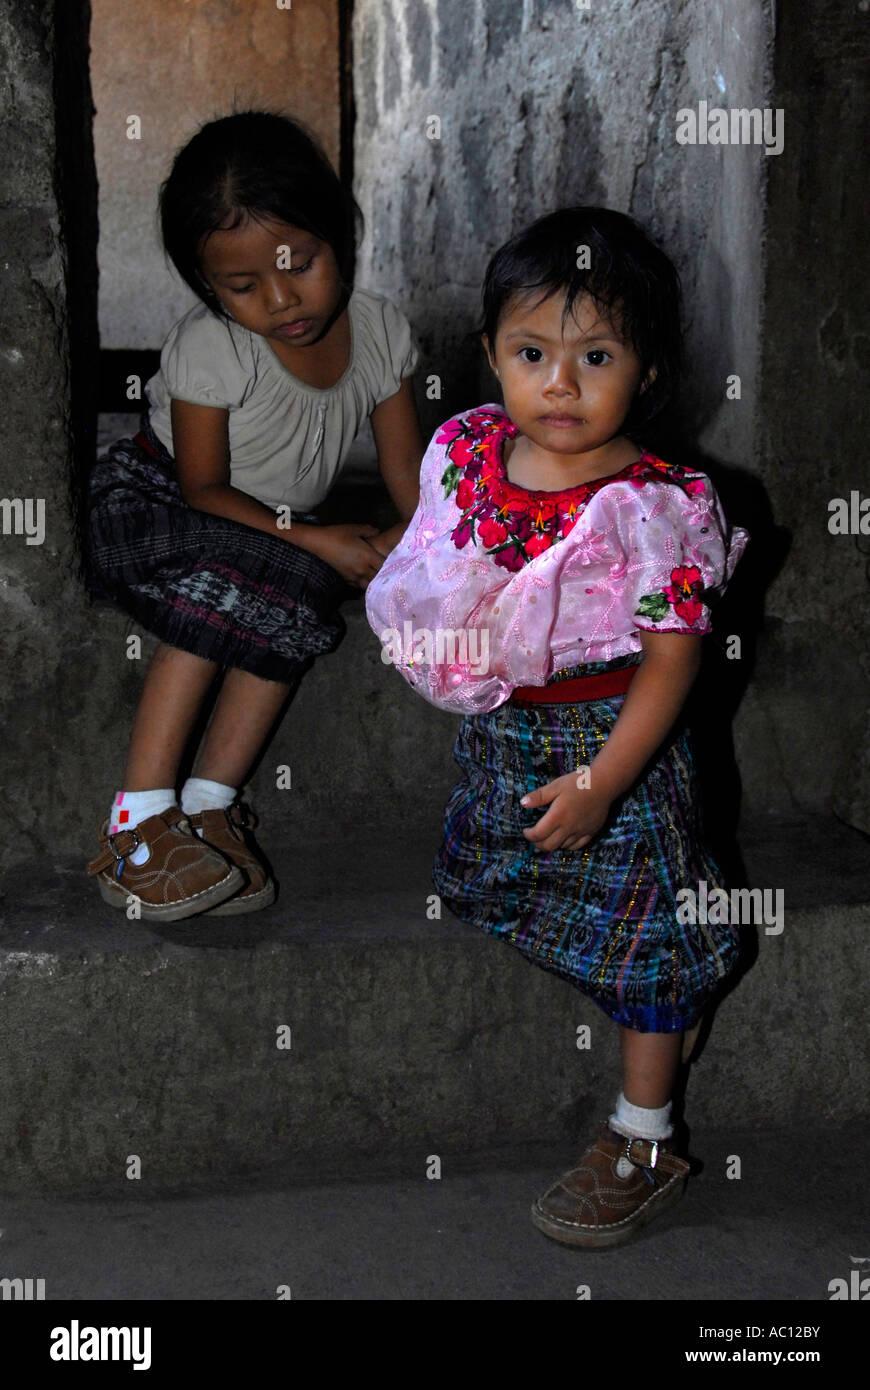 Indigenous girls, Santiago de Atitlan, Lake Atitlan, Guatemala, Central America - Stock Image